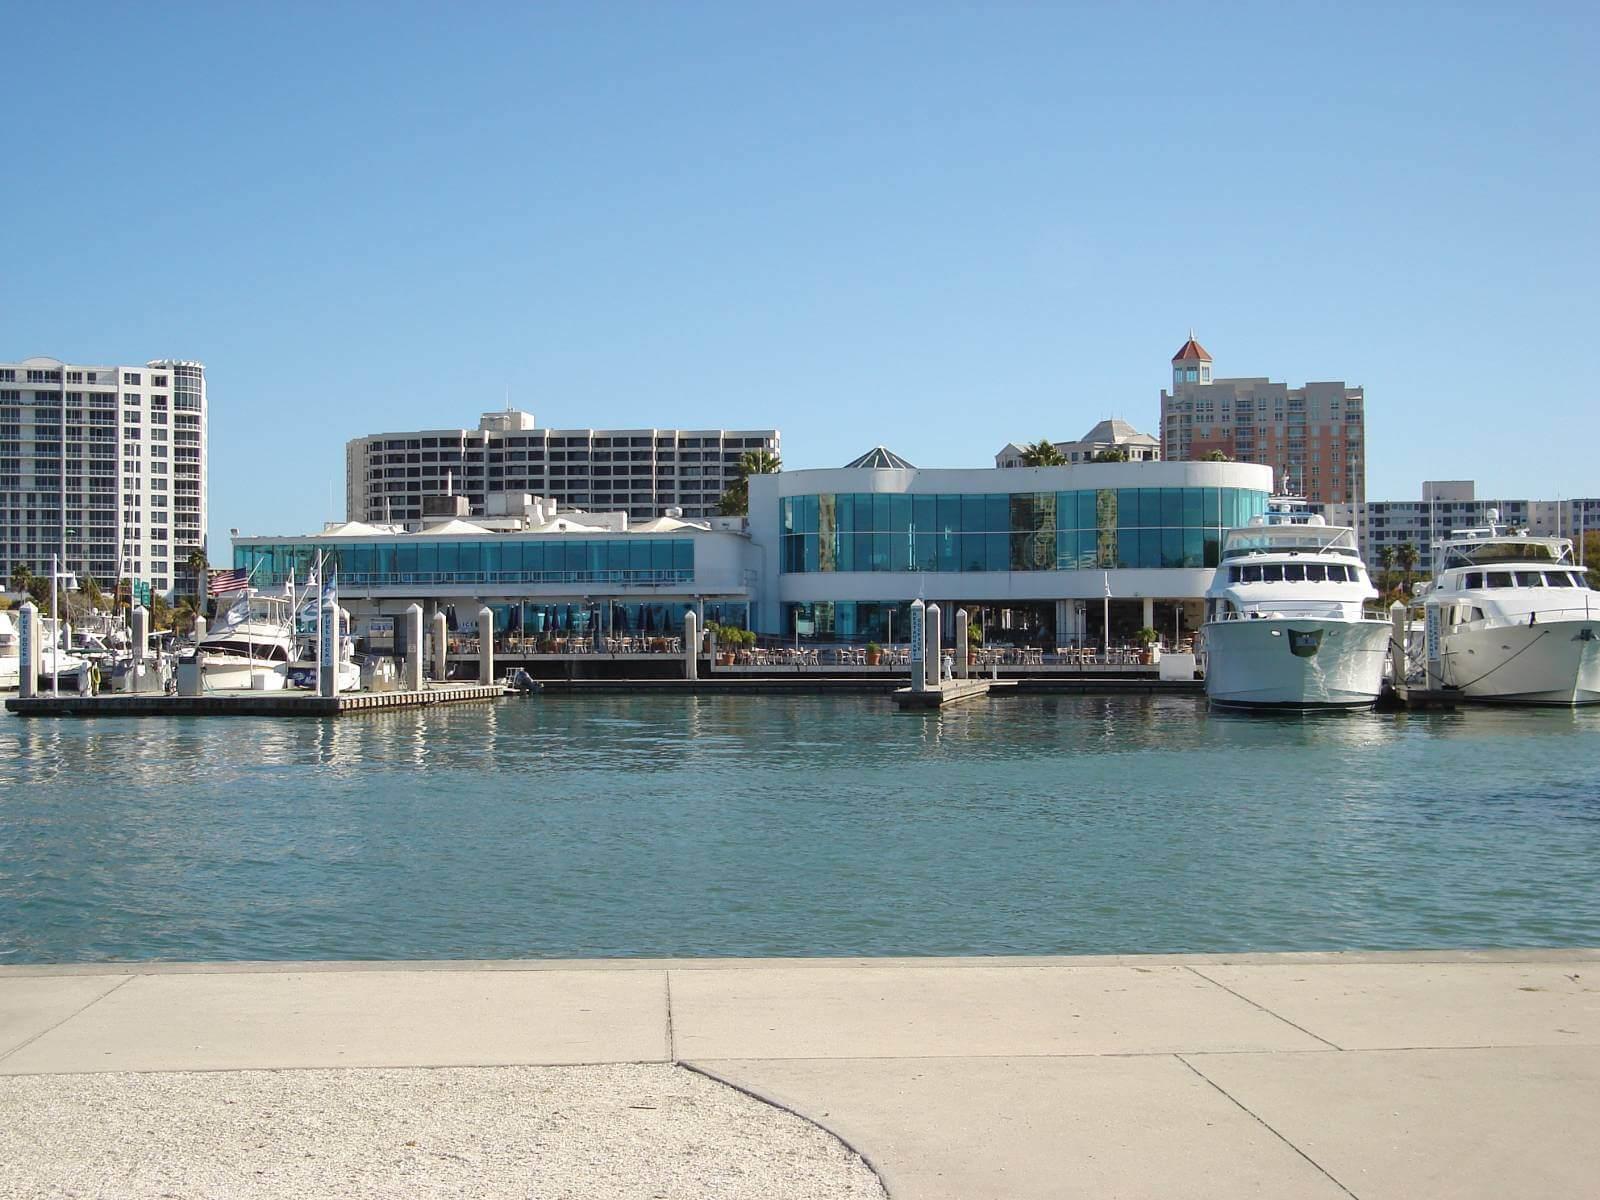 Marina Jack downtown Sarasota, Florida waterfront restaurant and bar.